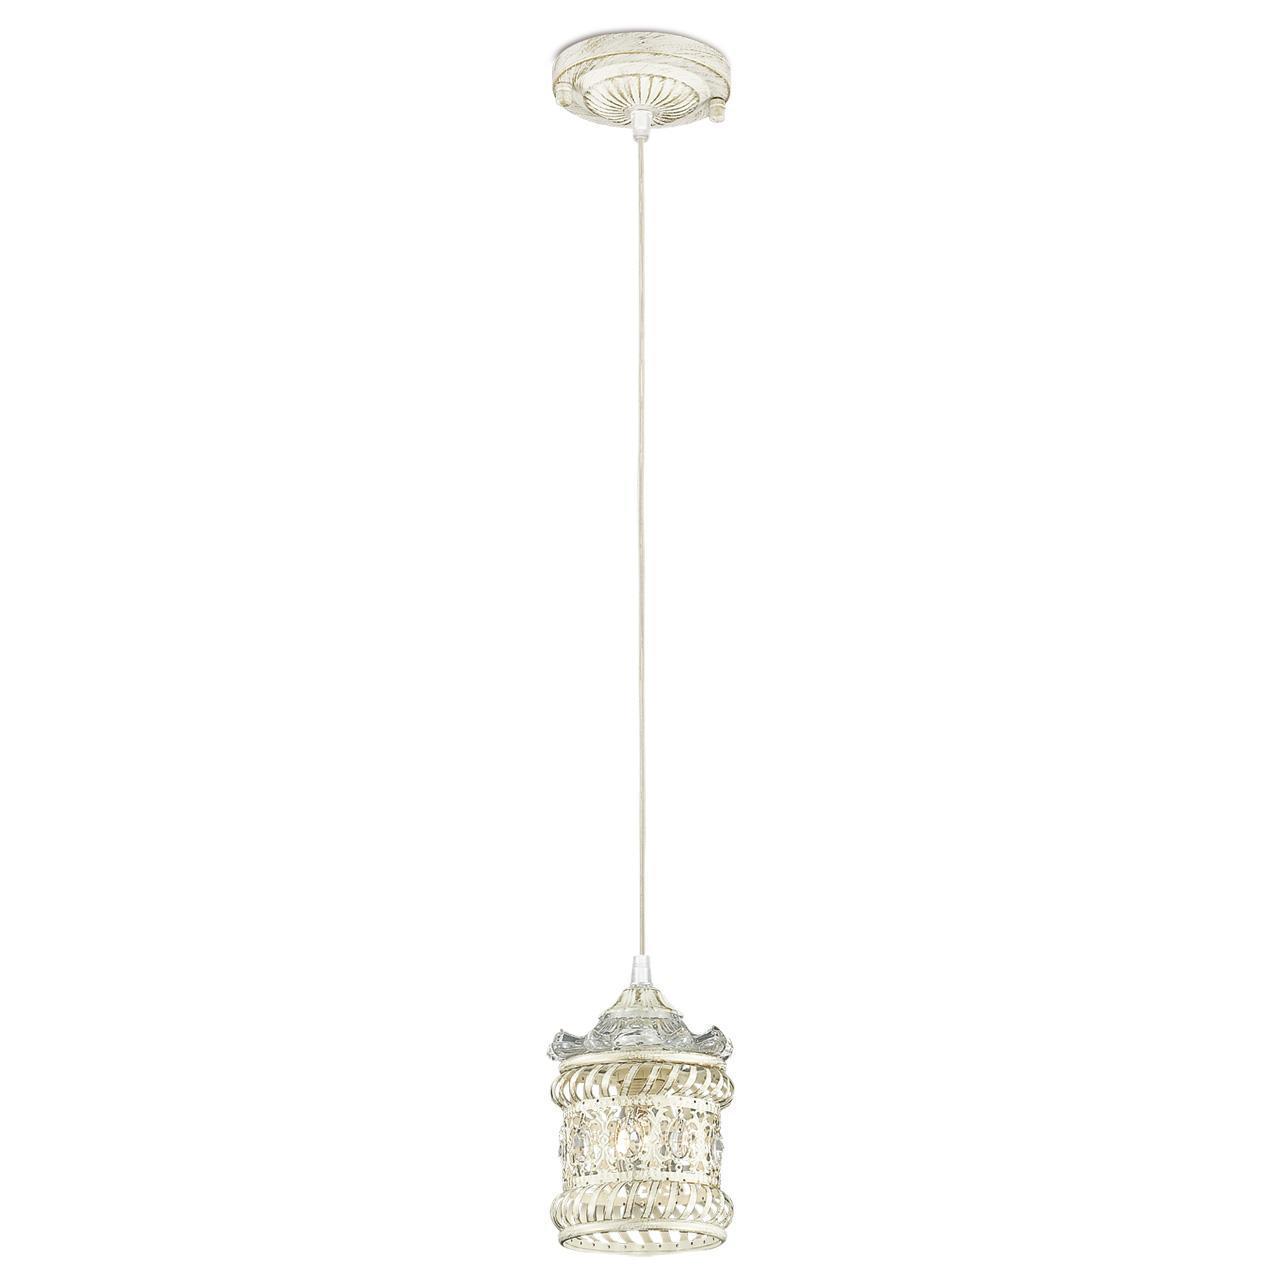 Подвесной светильник Odeon Light Zafran 2837/1 odeon light потолочная люстра odeon light zafran 2837 6c